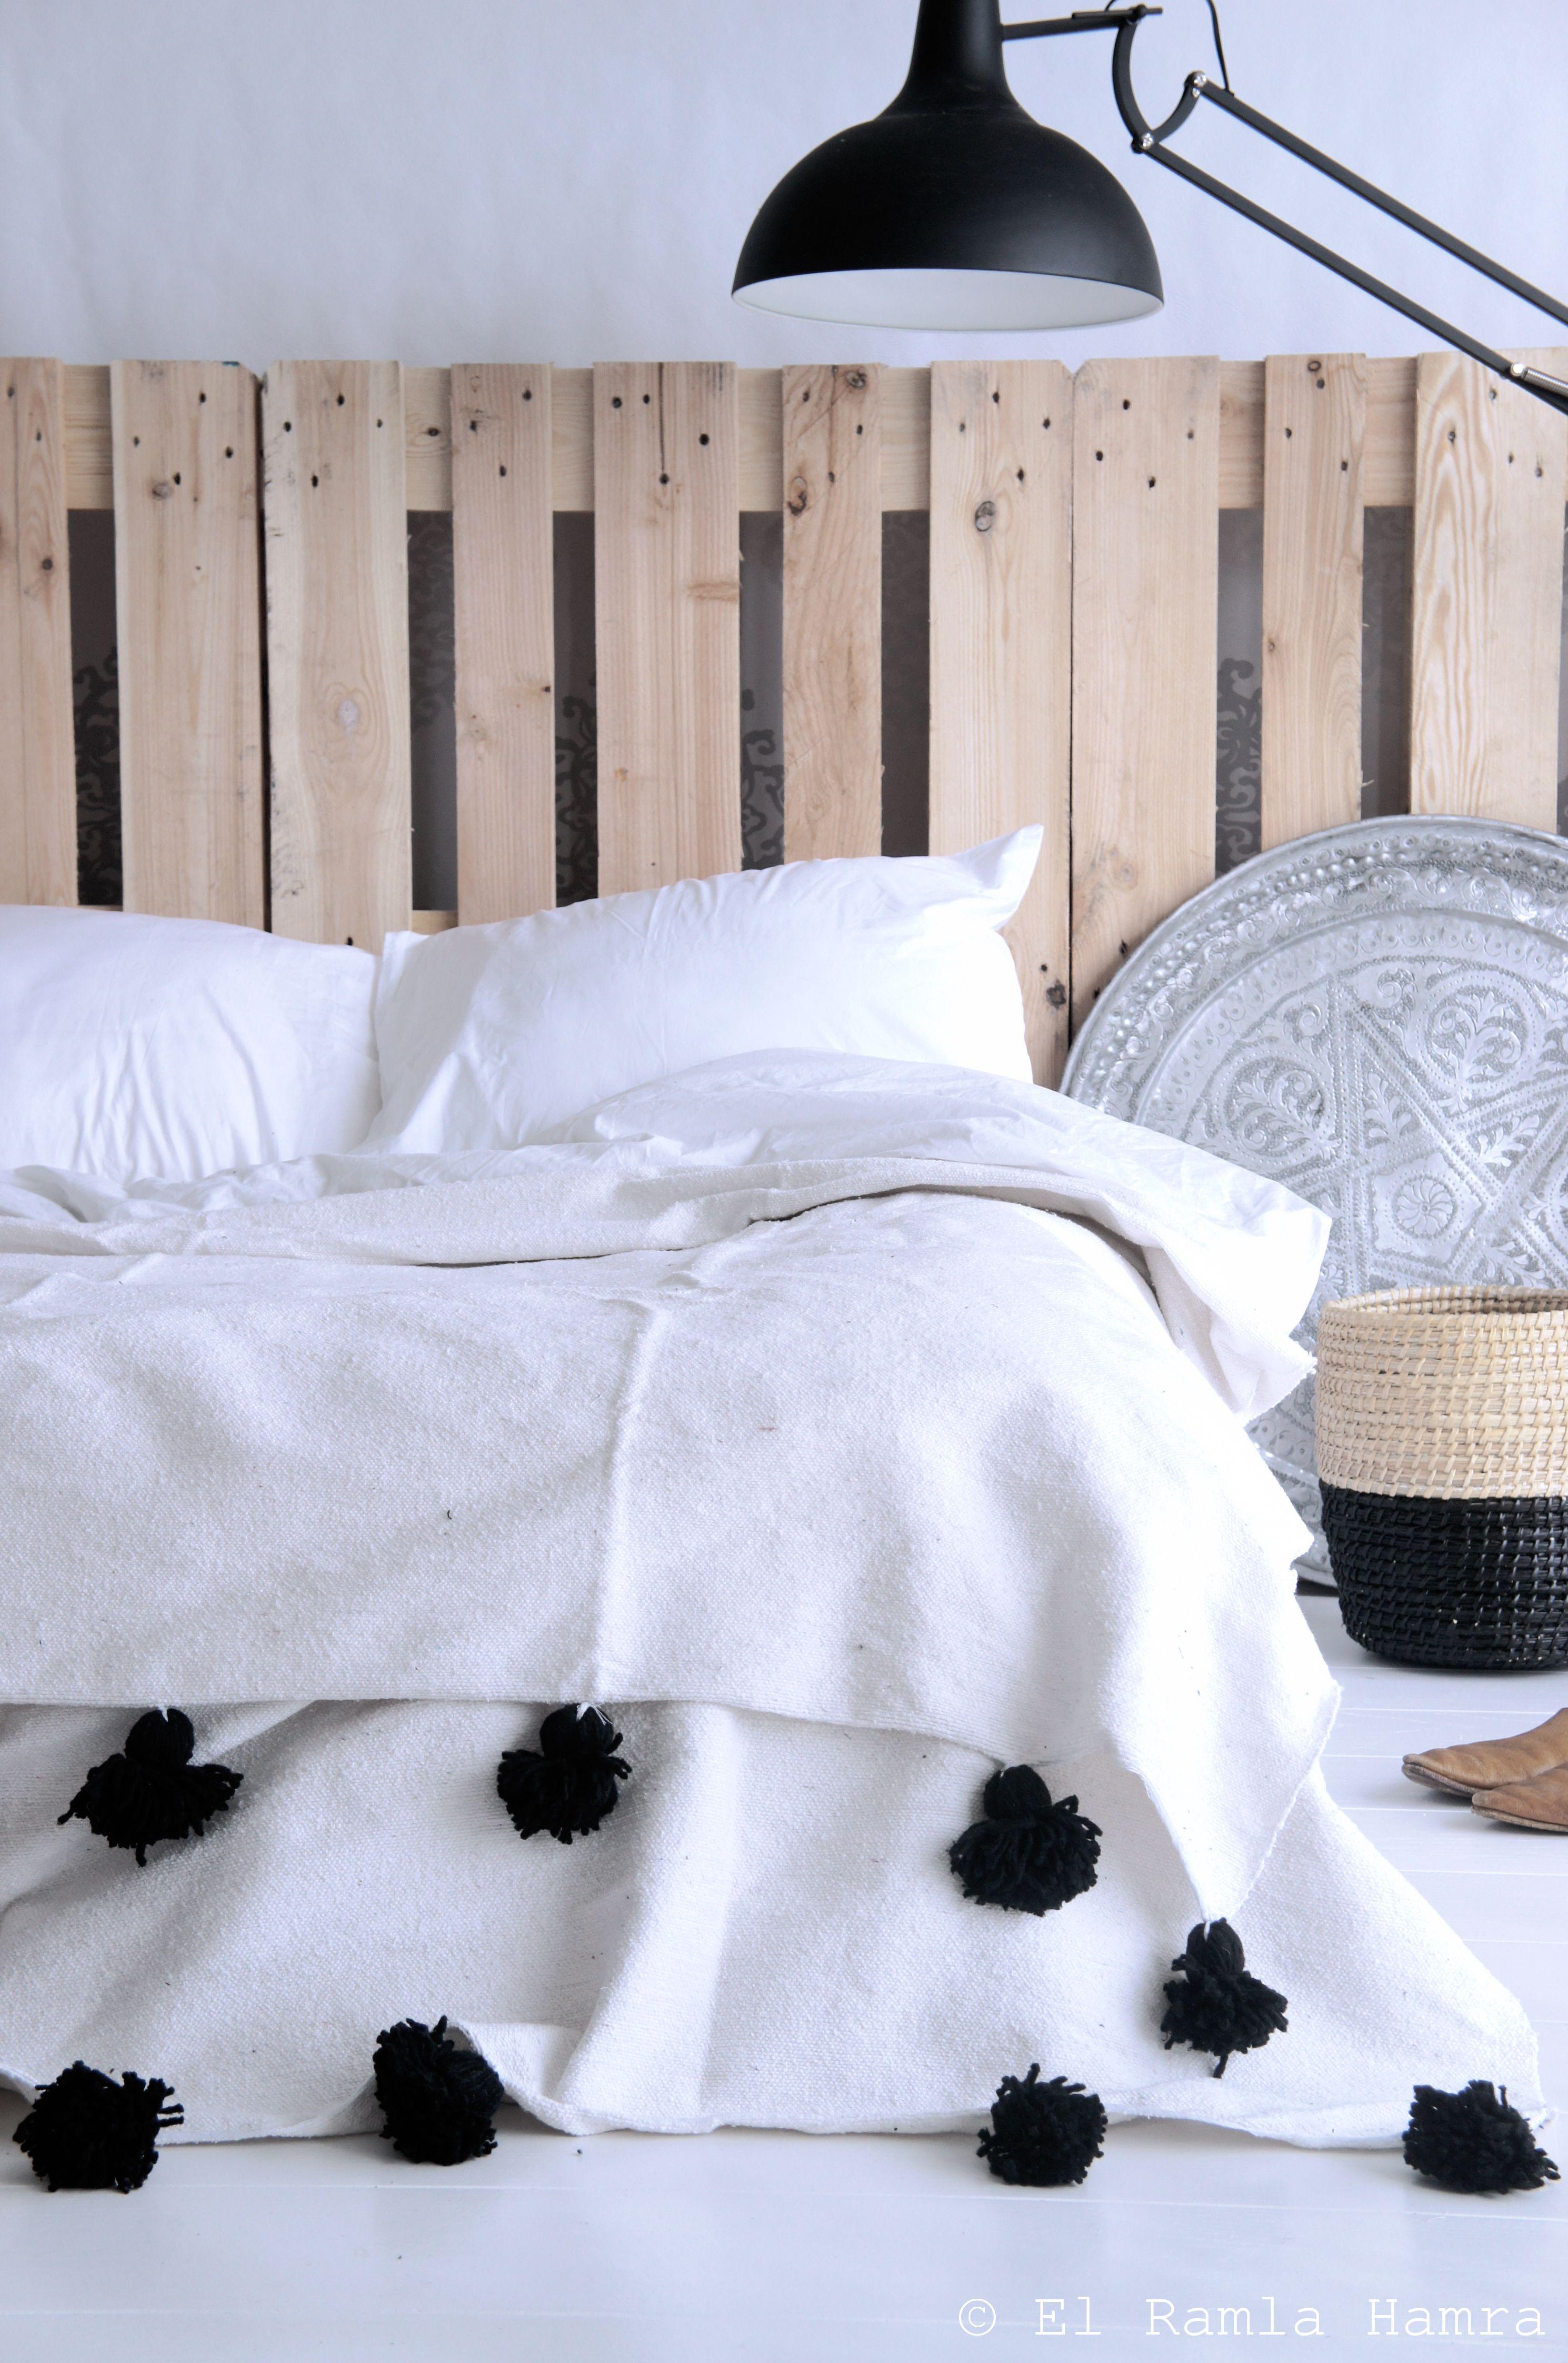 Room Bed httpmedia cache ec0pinimgcomoriginals0a5574